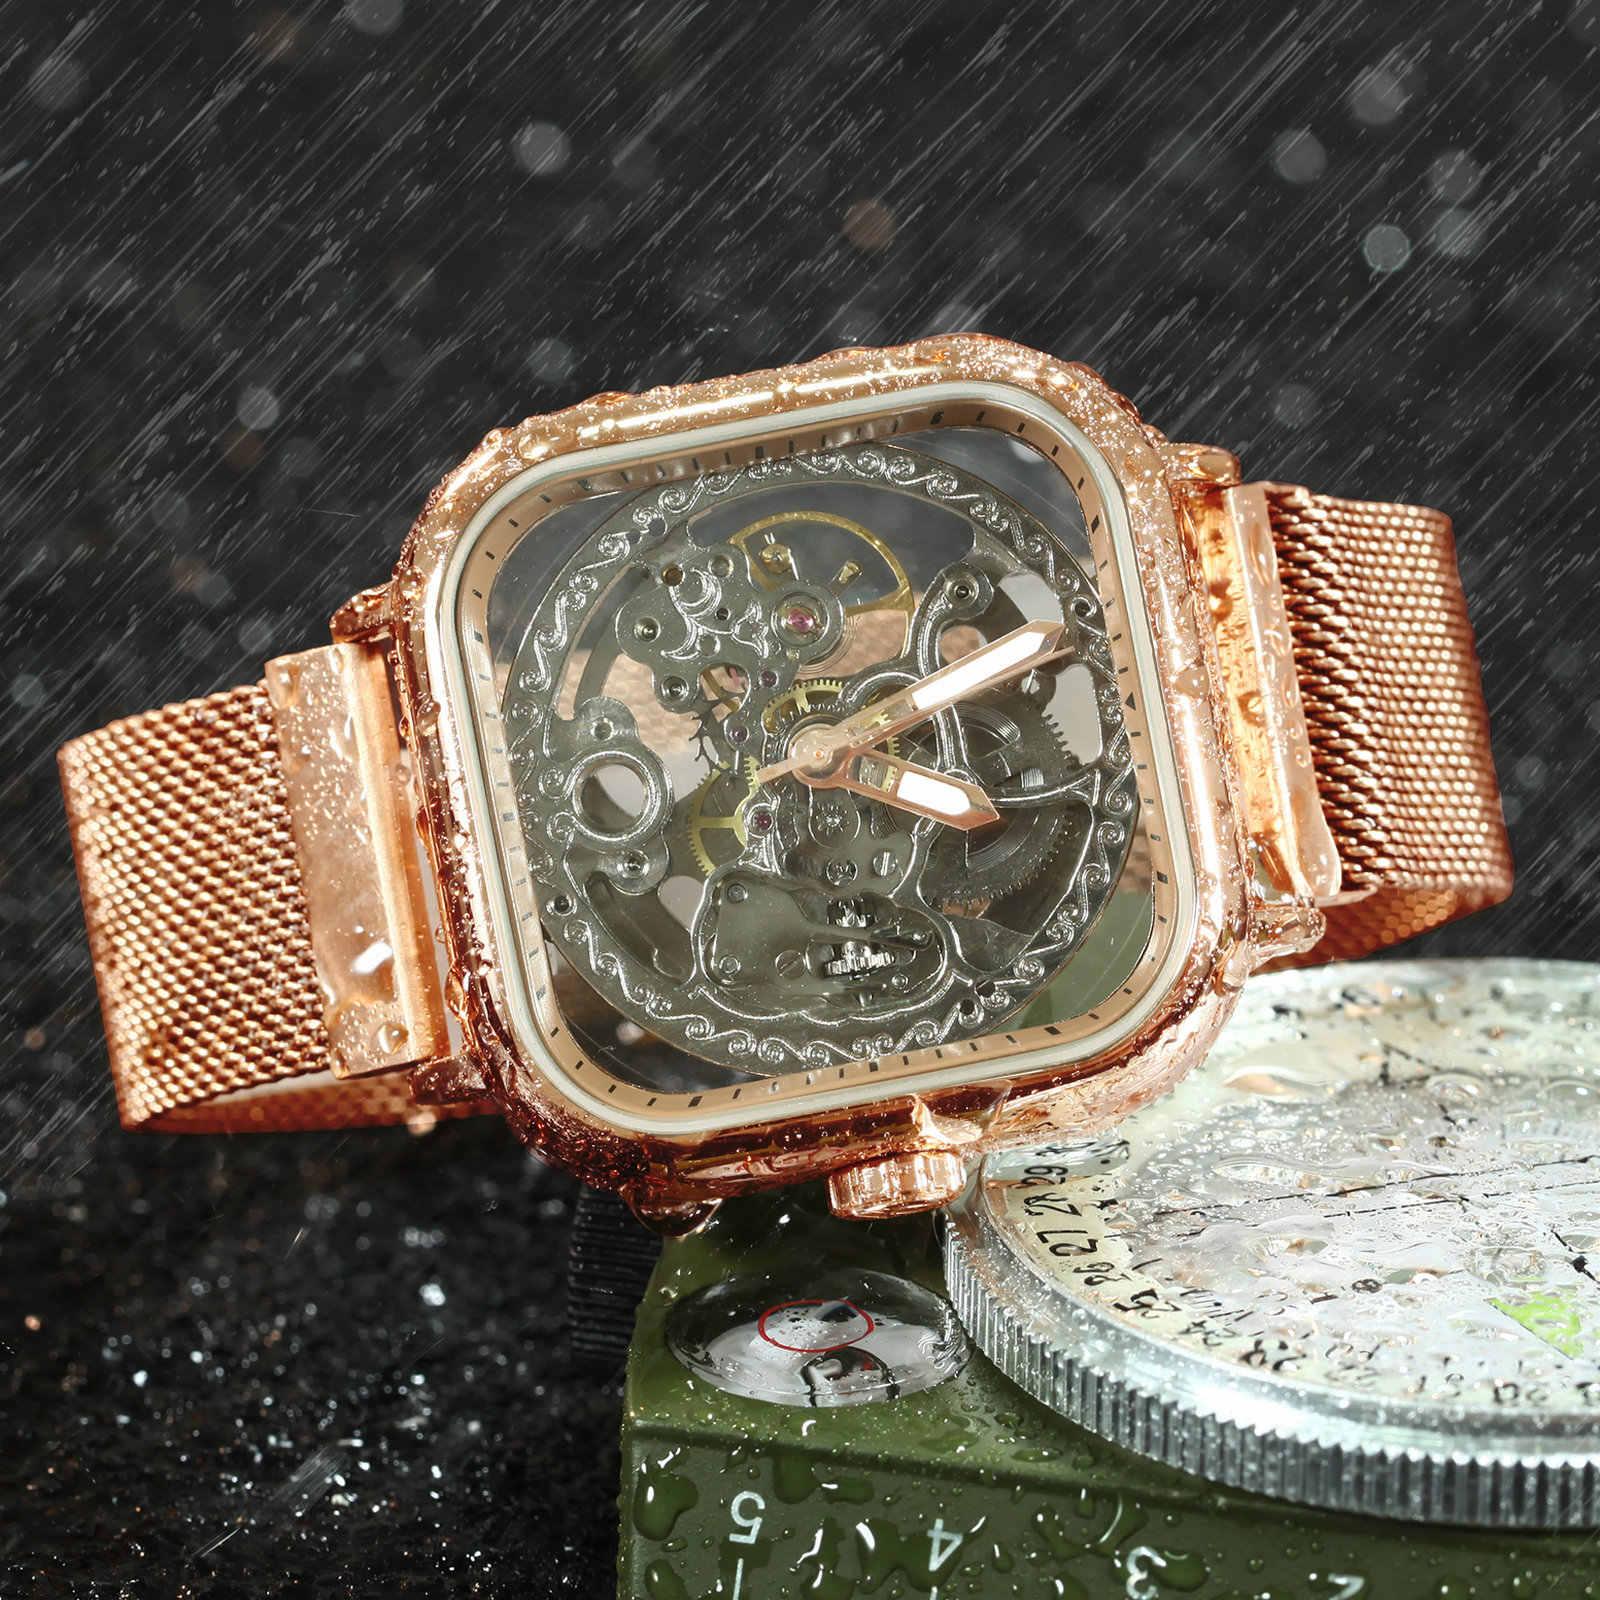 Reloj Automático oficial ganador, reloj mecánico esqueleto para hombres y mujeres, reloj de pulsera cuadrado Punk de lujo con correa magnética